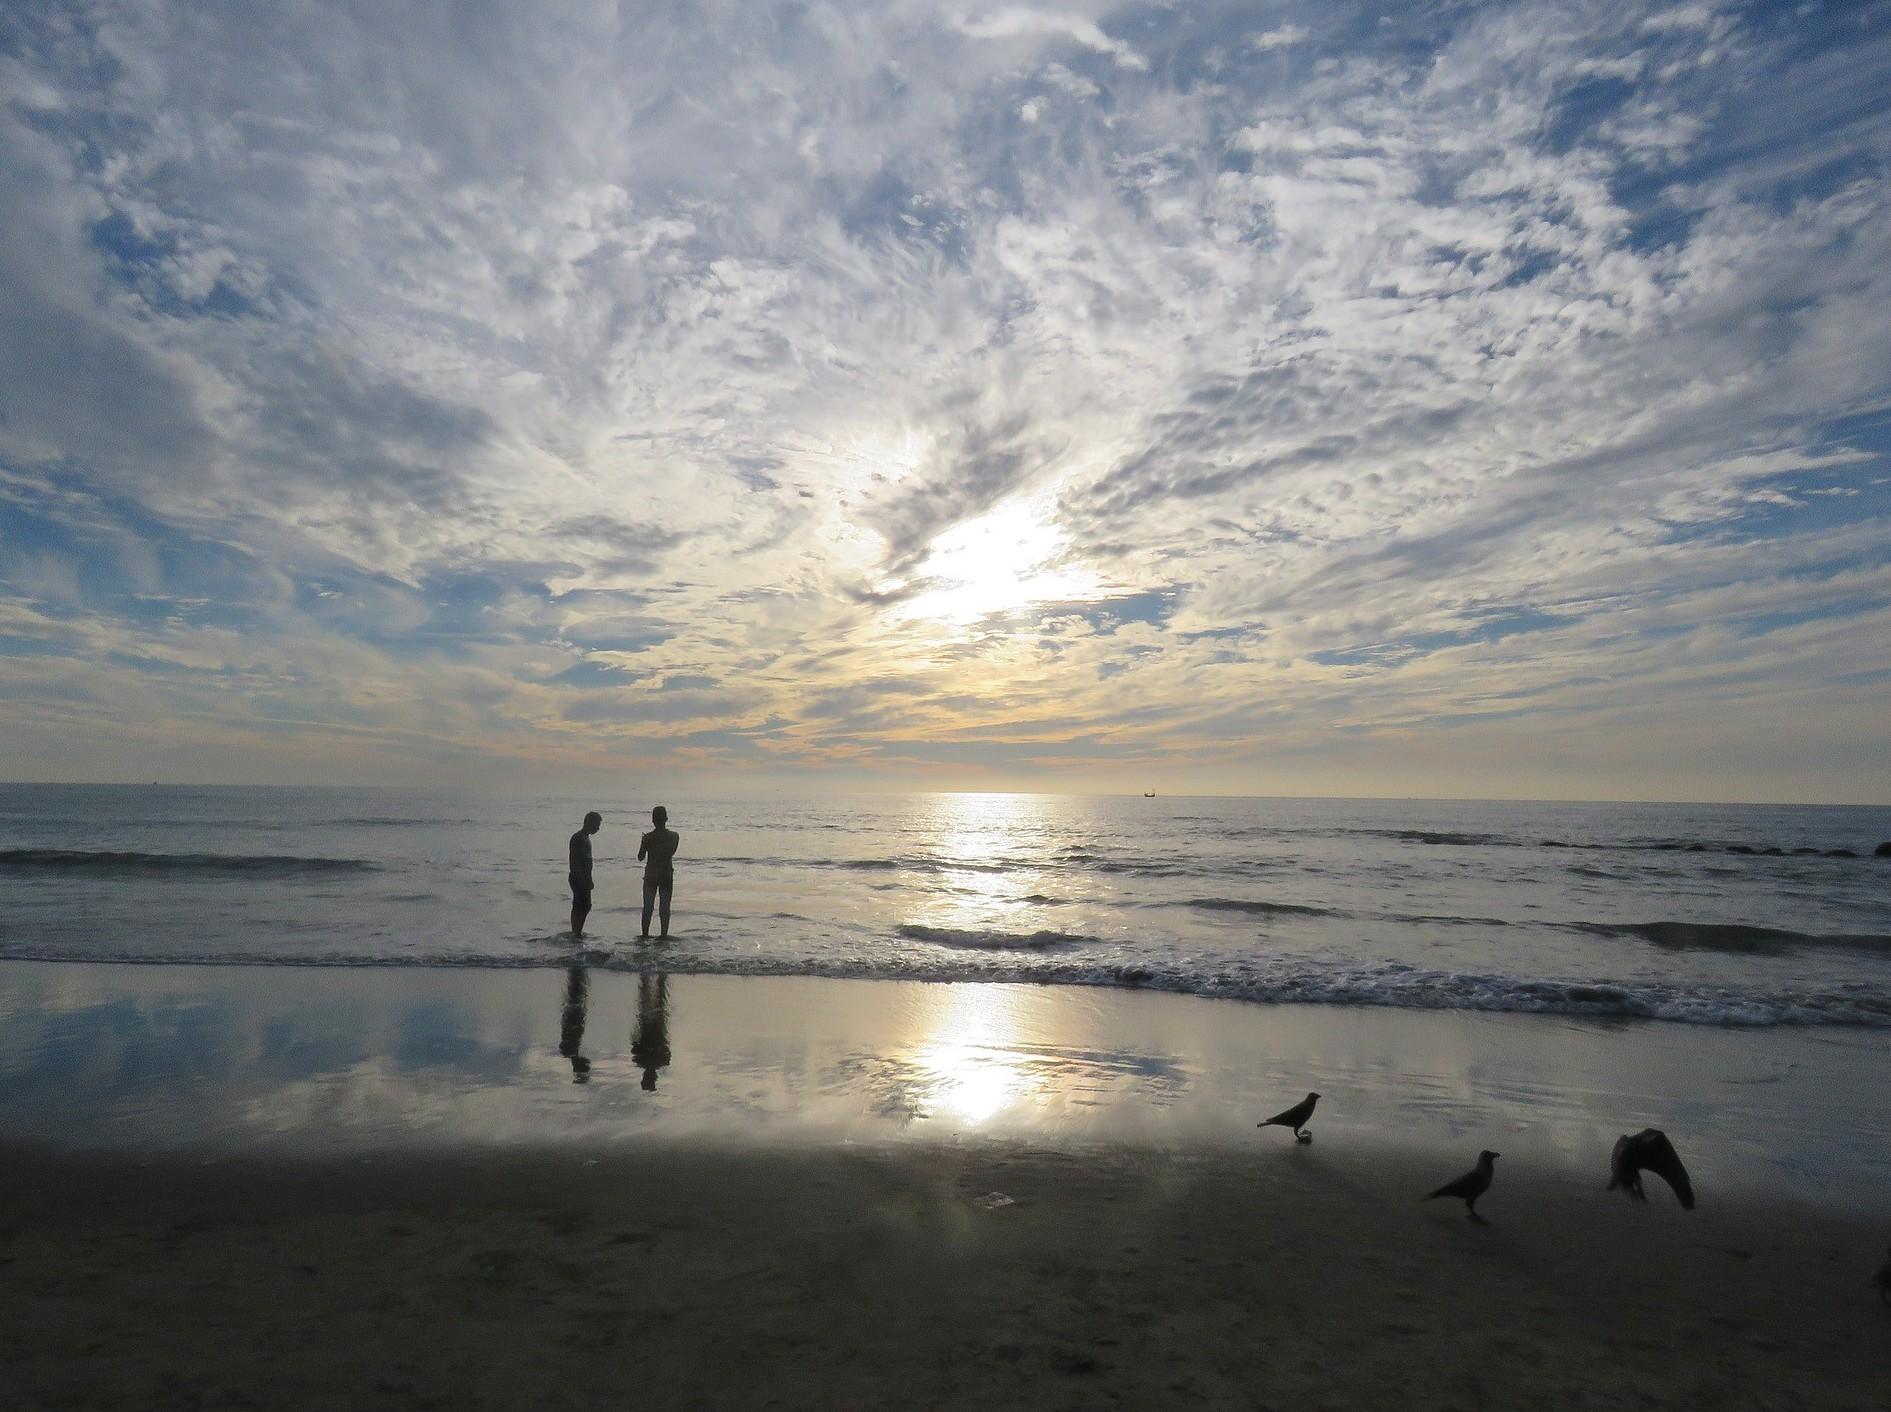 Uomini e donne divisi in spiaggia da un